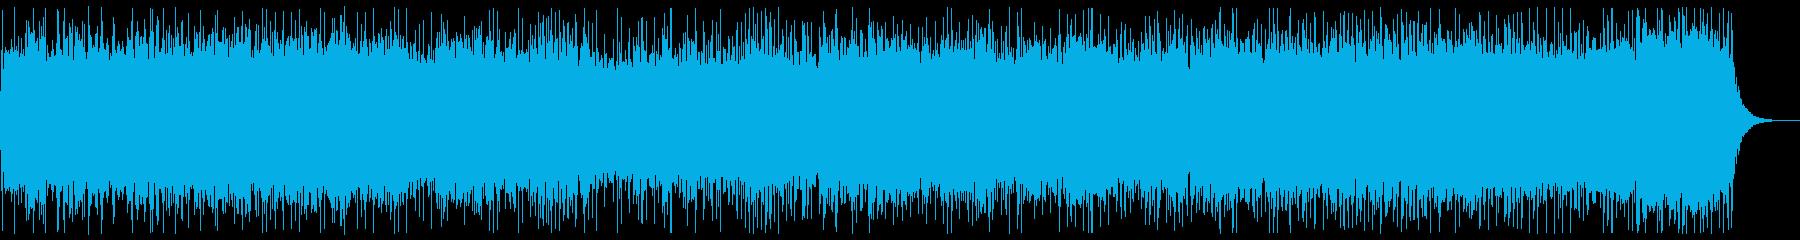 メタル 勇壮 クール 戦闘 ショ-ト版Aの再生済みの波形